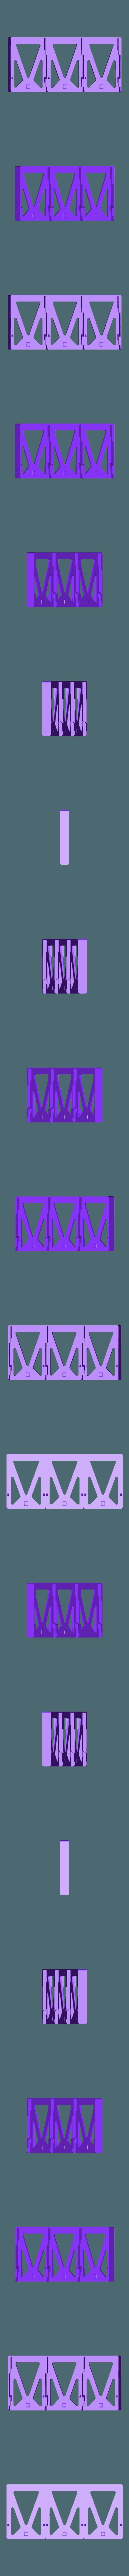 D-LI90_6_battery_holder_v2-0.STL Télécharger fichier STL gratuit Support de pile D-Li90 • Objet à imprimer en 3D, WalterHsiao